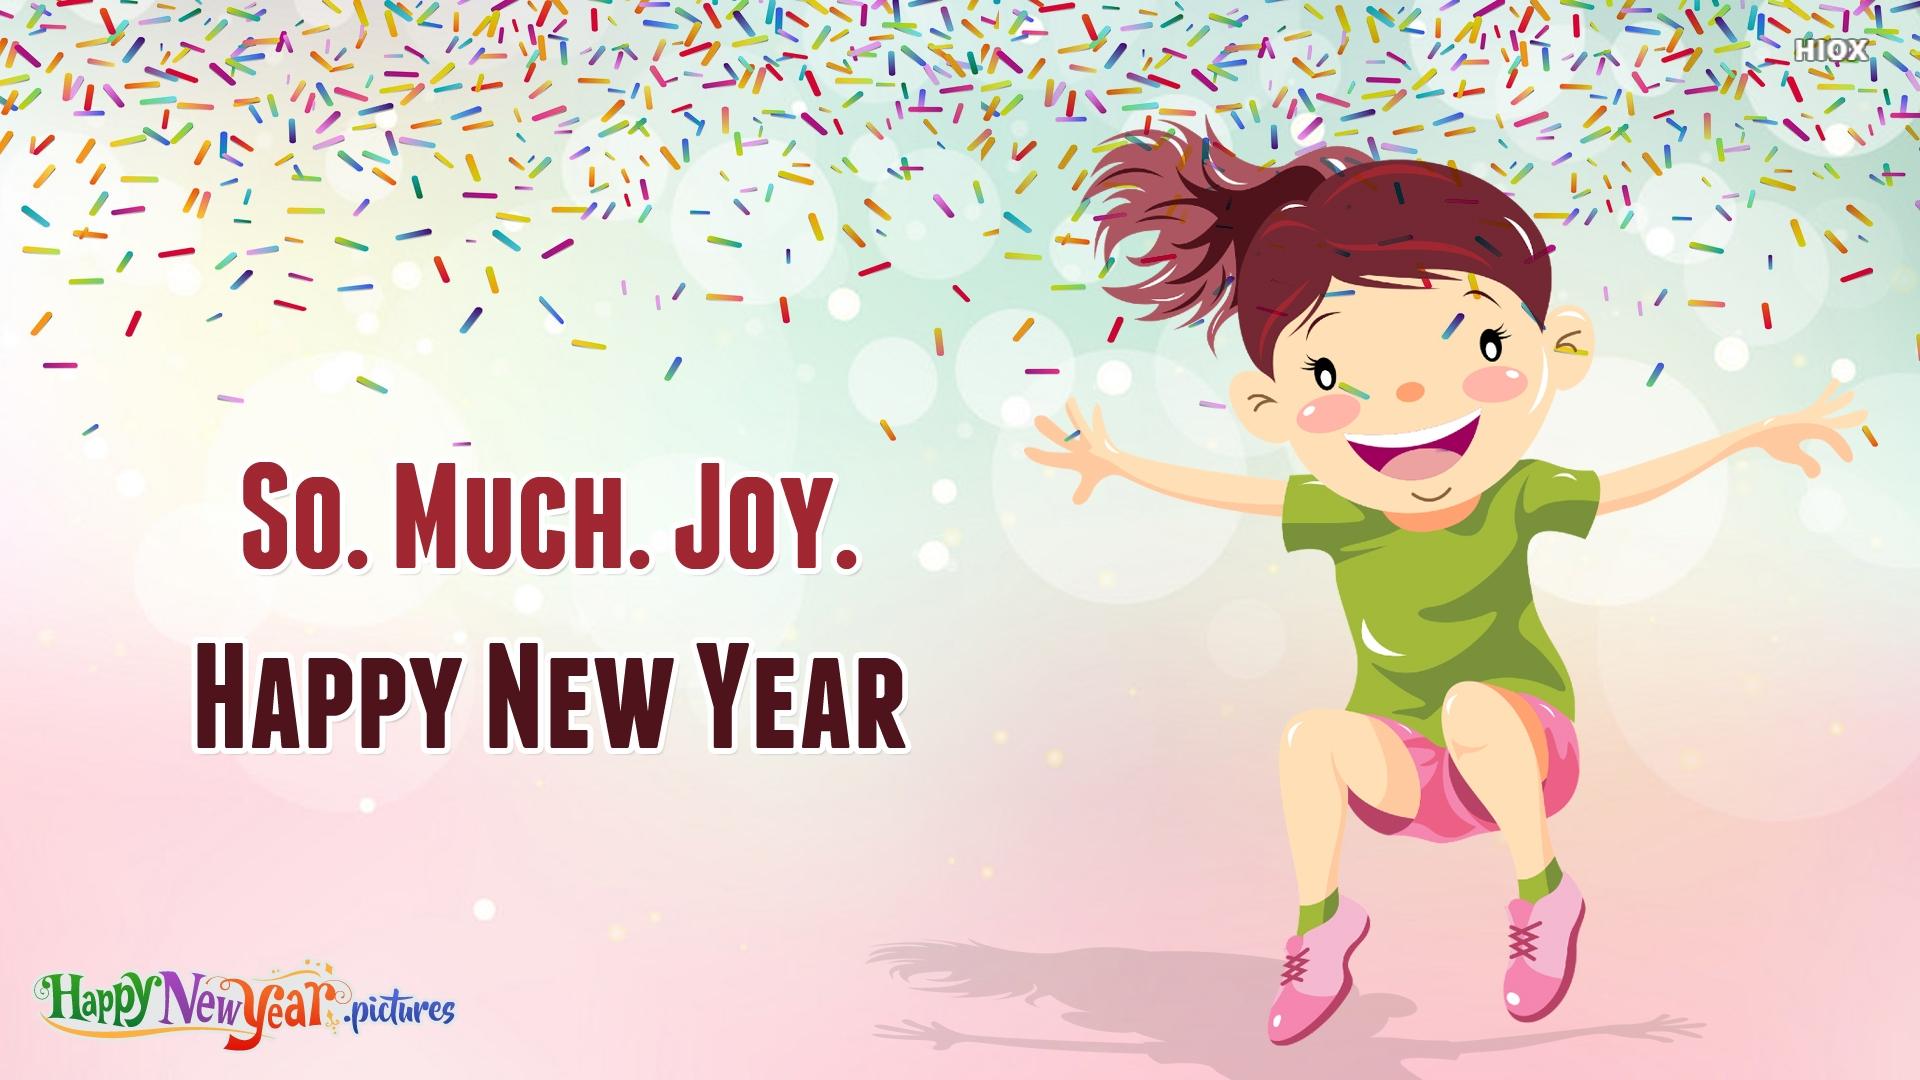 So. Much. Joy. Happy New Year